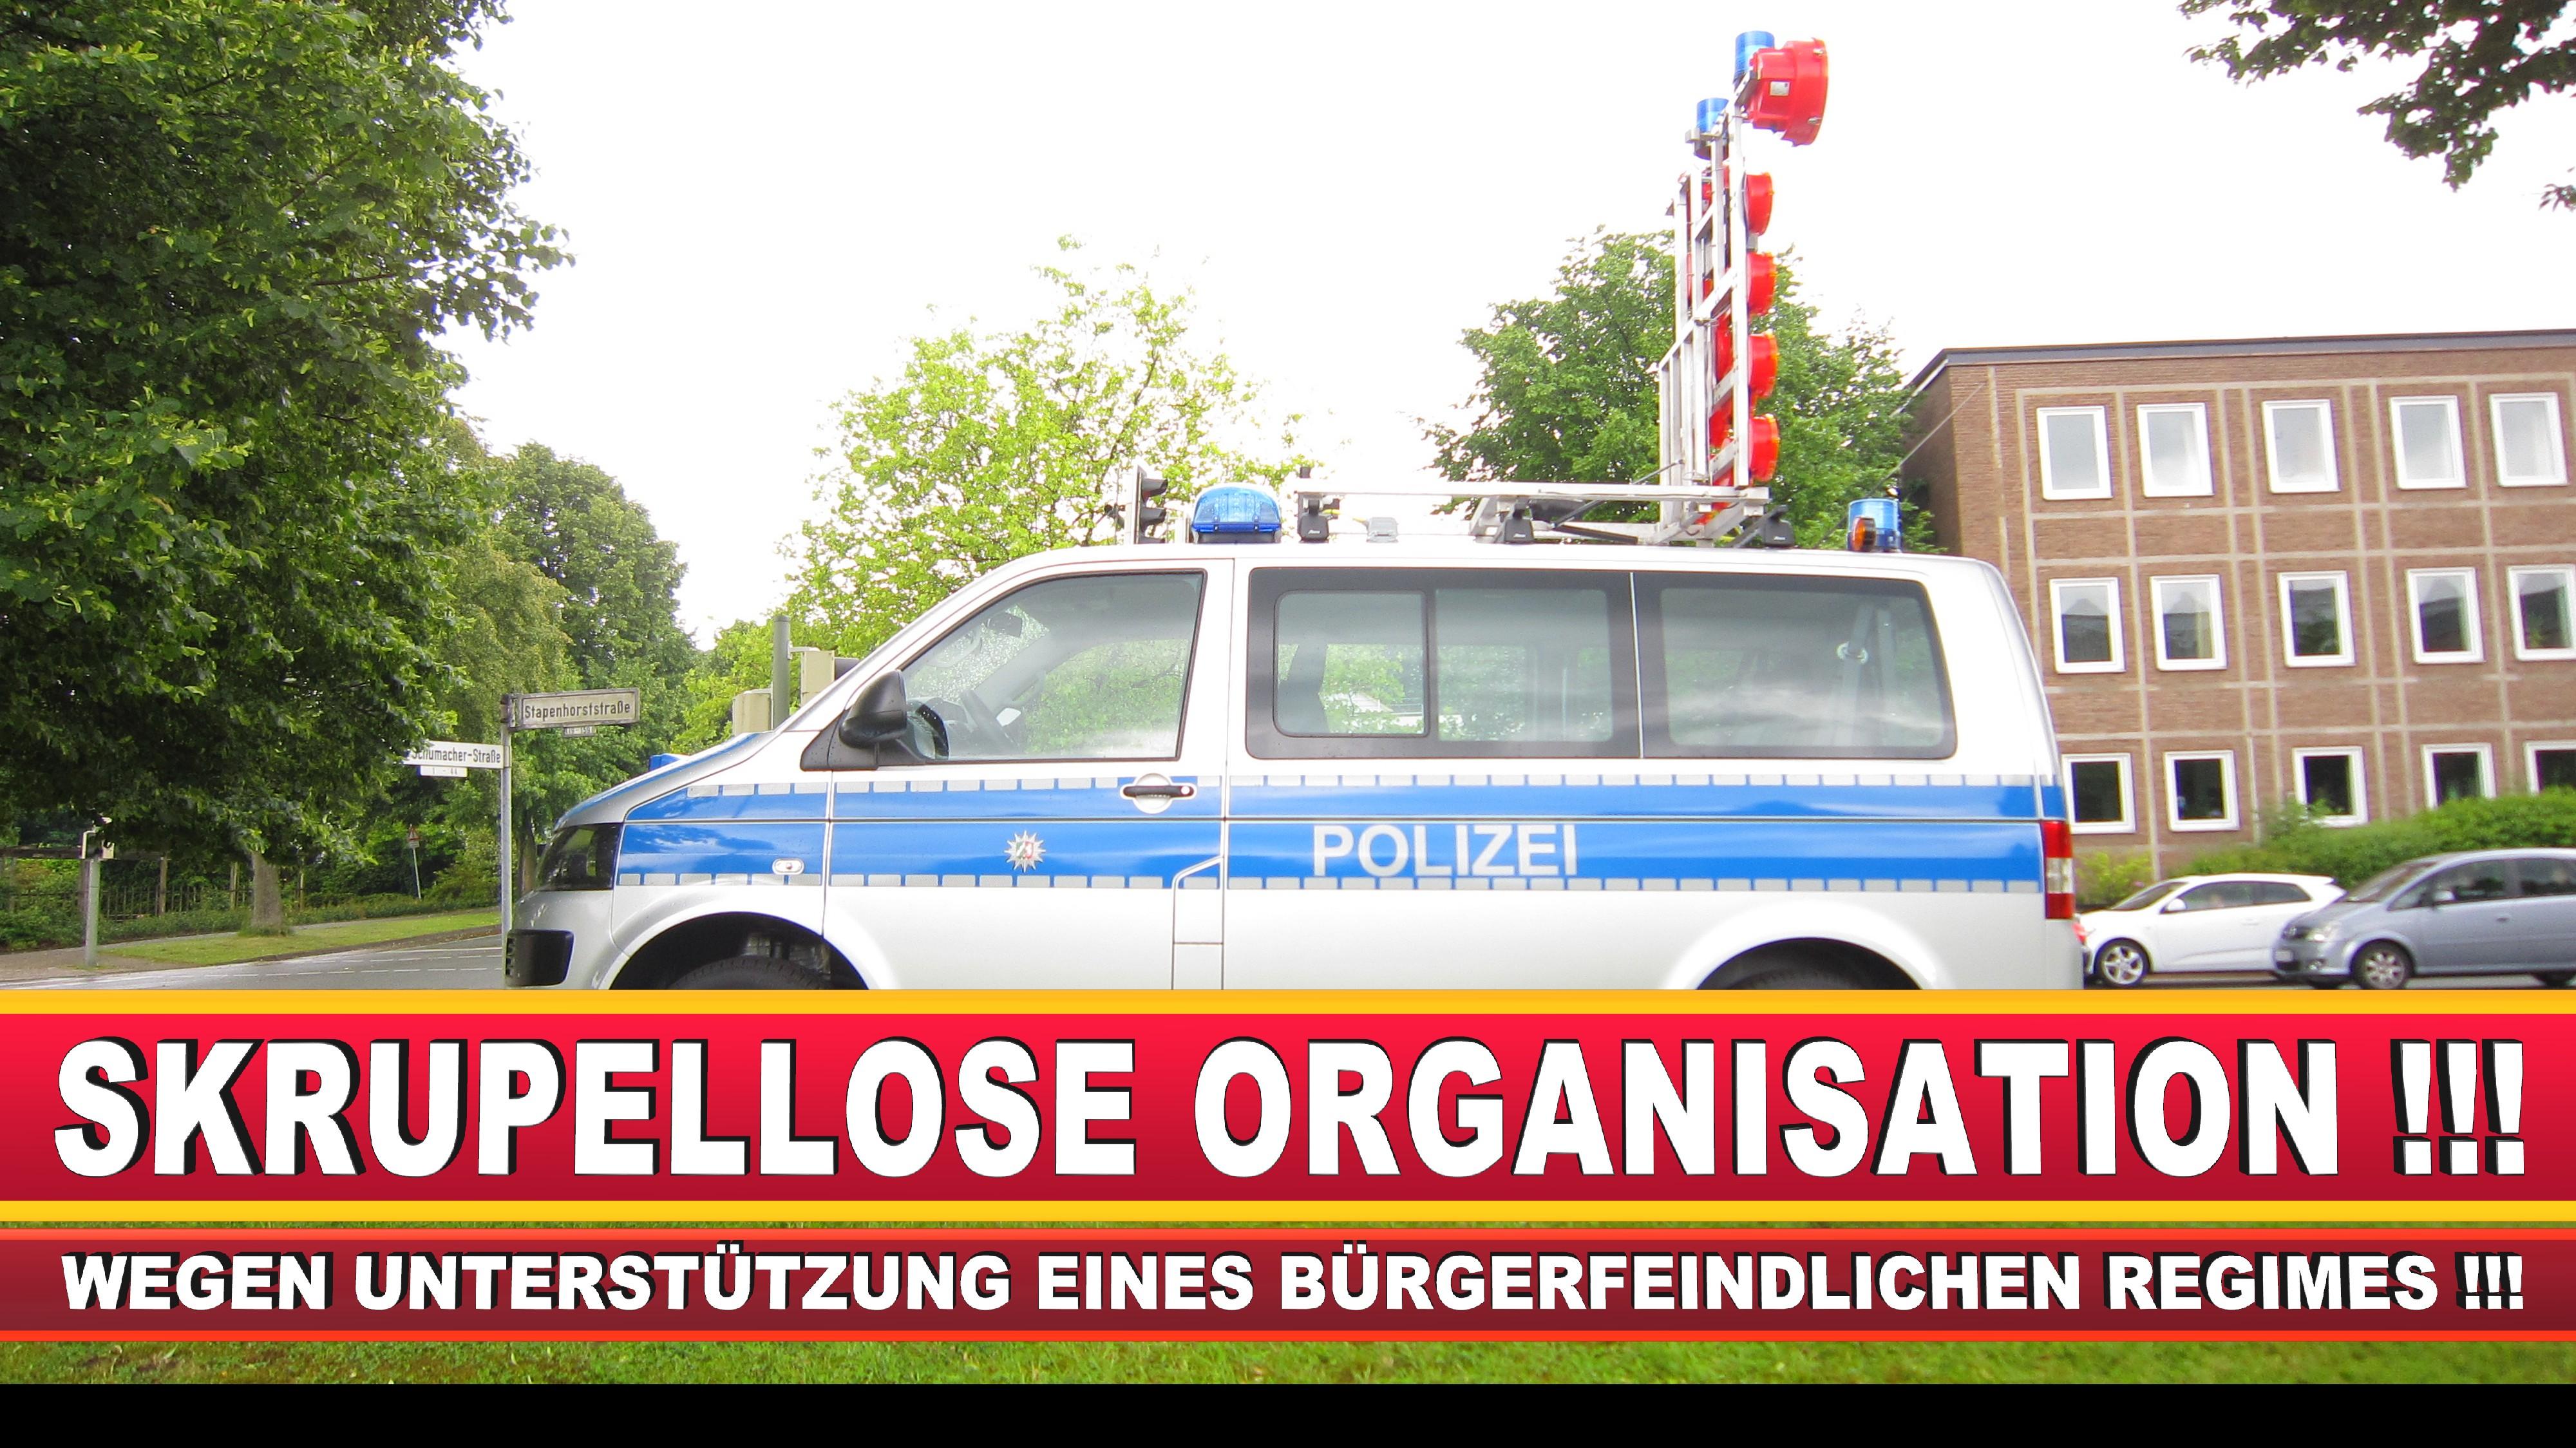 Polizeipräsidentin Katharina Giere Polizei Bielefeld NRW Erwin Südfeld Horst Kruse Polizeiuniform Polizeigewalt DEMONSTRATION Bahnhof (7)